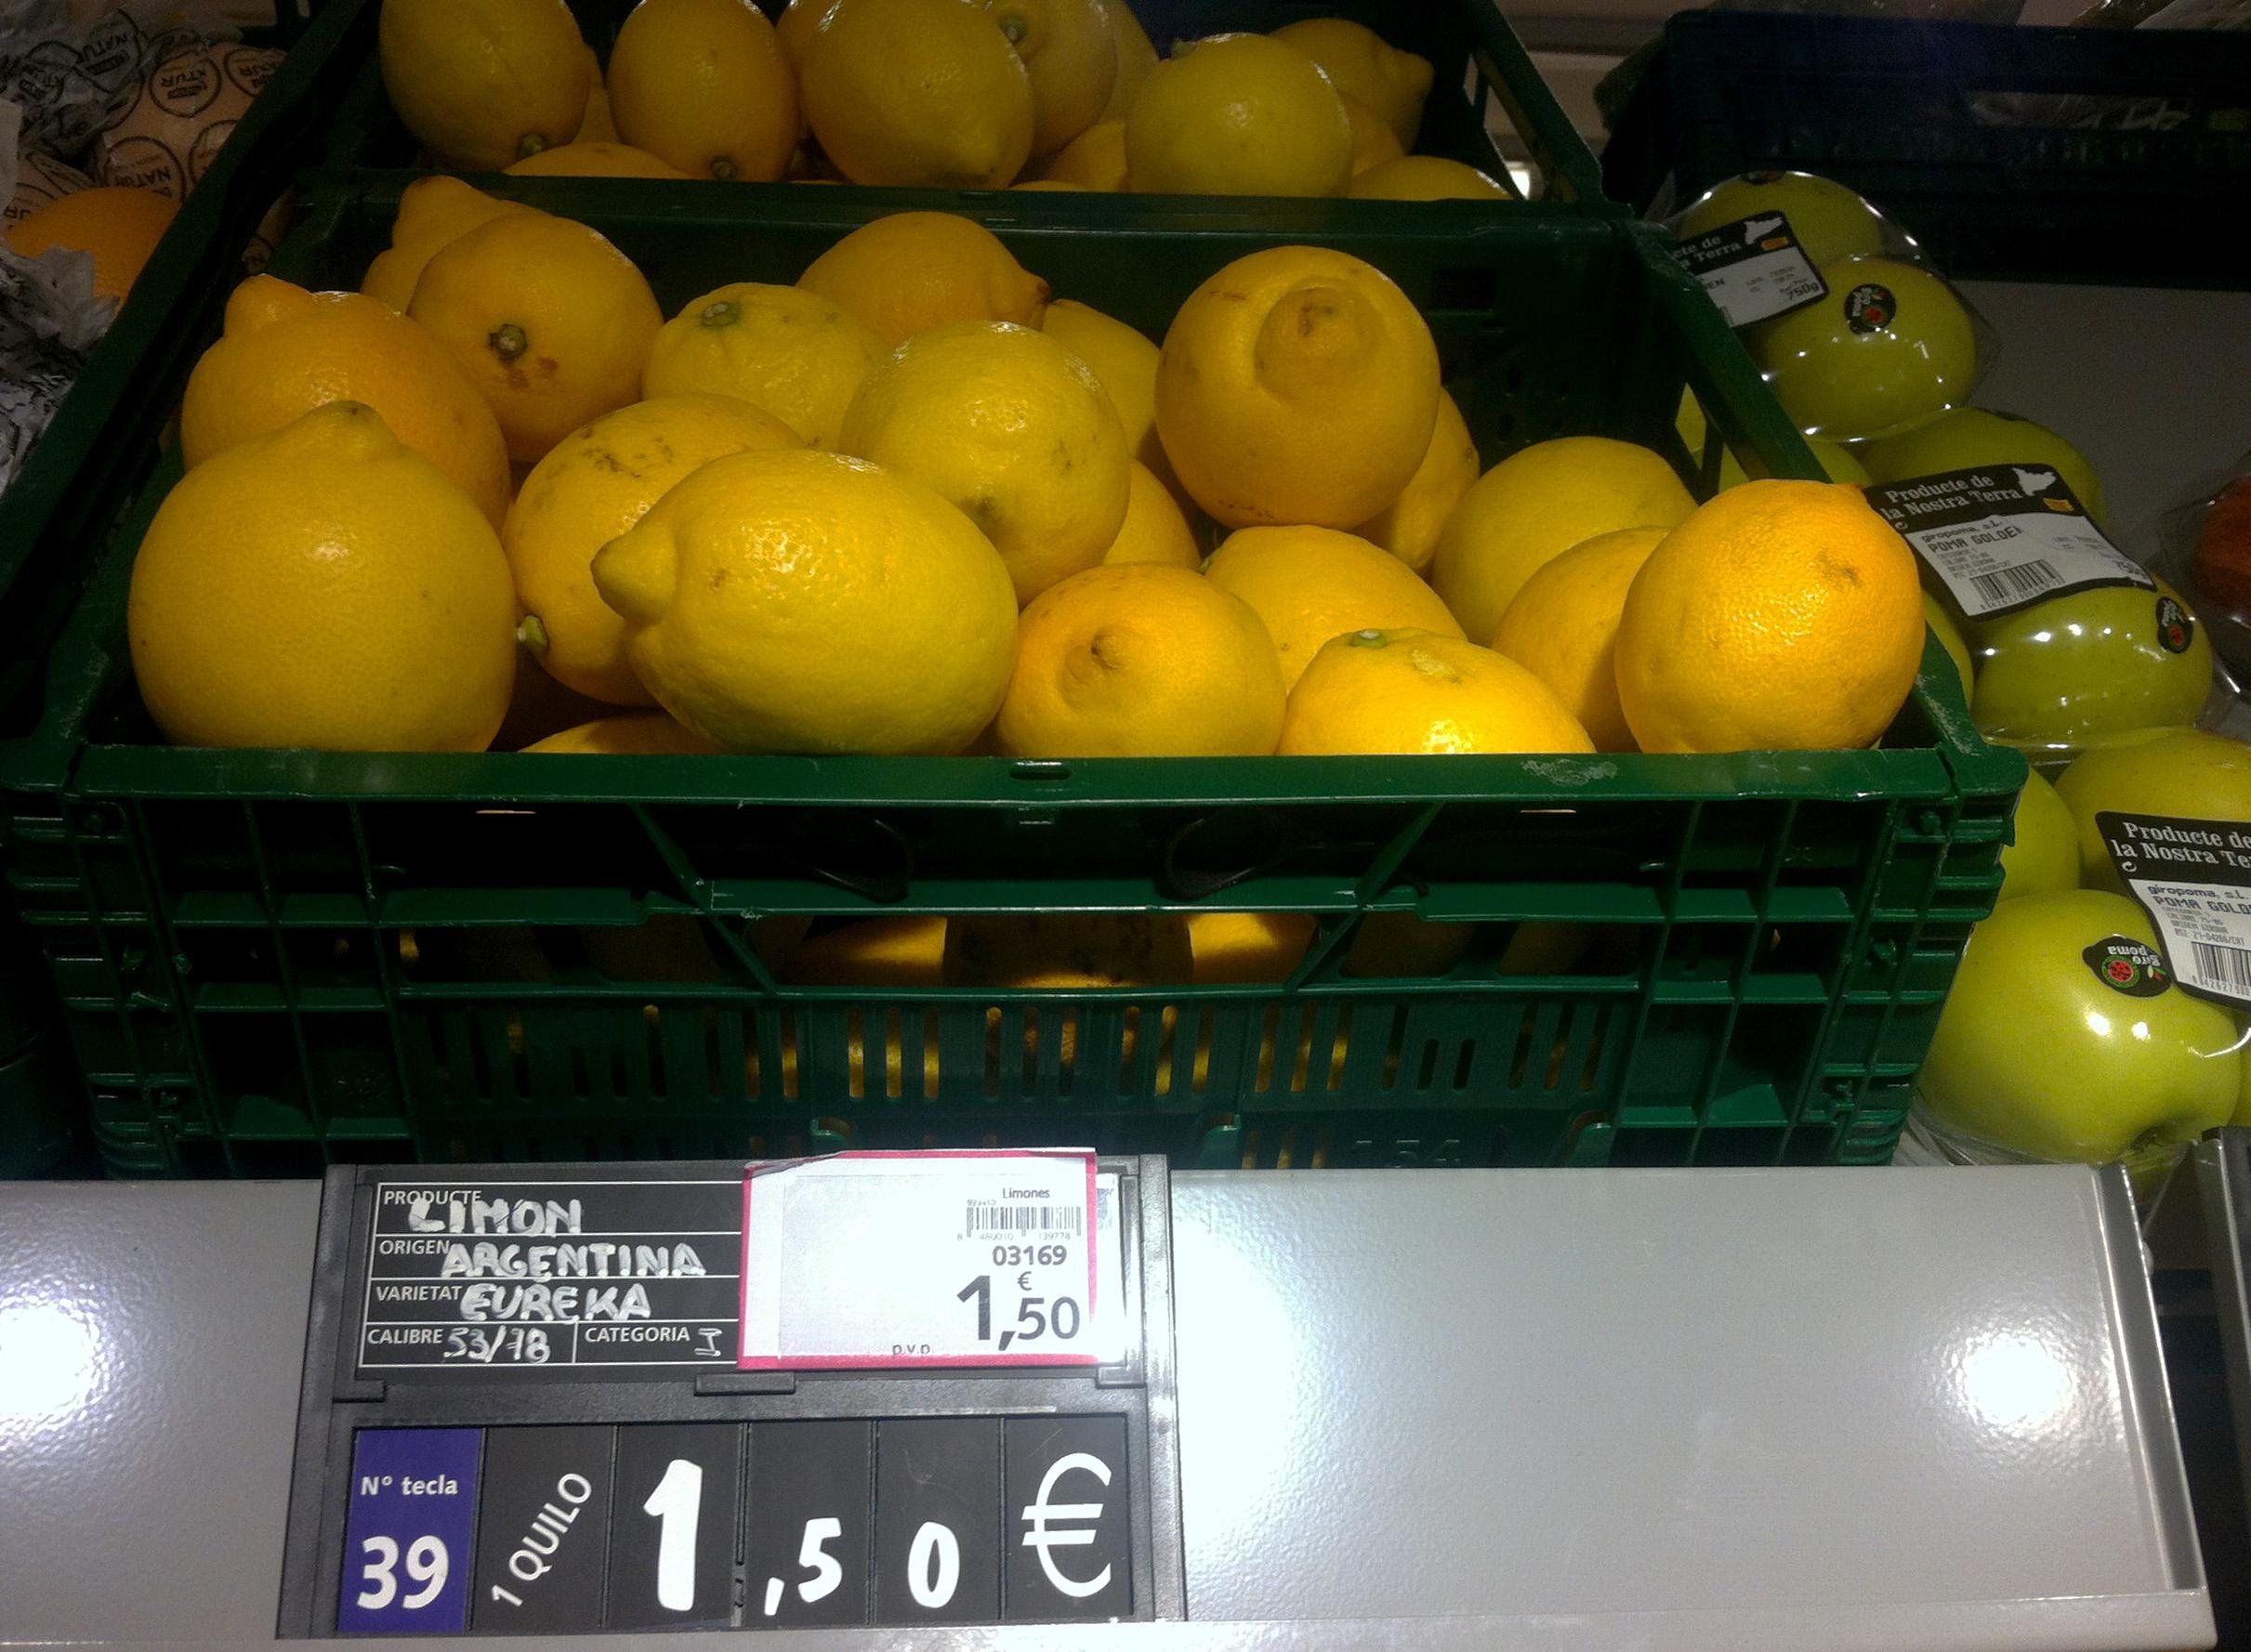 desmontando el mito de que los alimentos ecológicos son caros - ¡sí